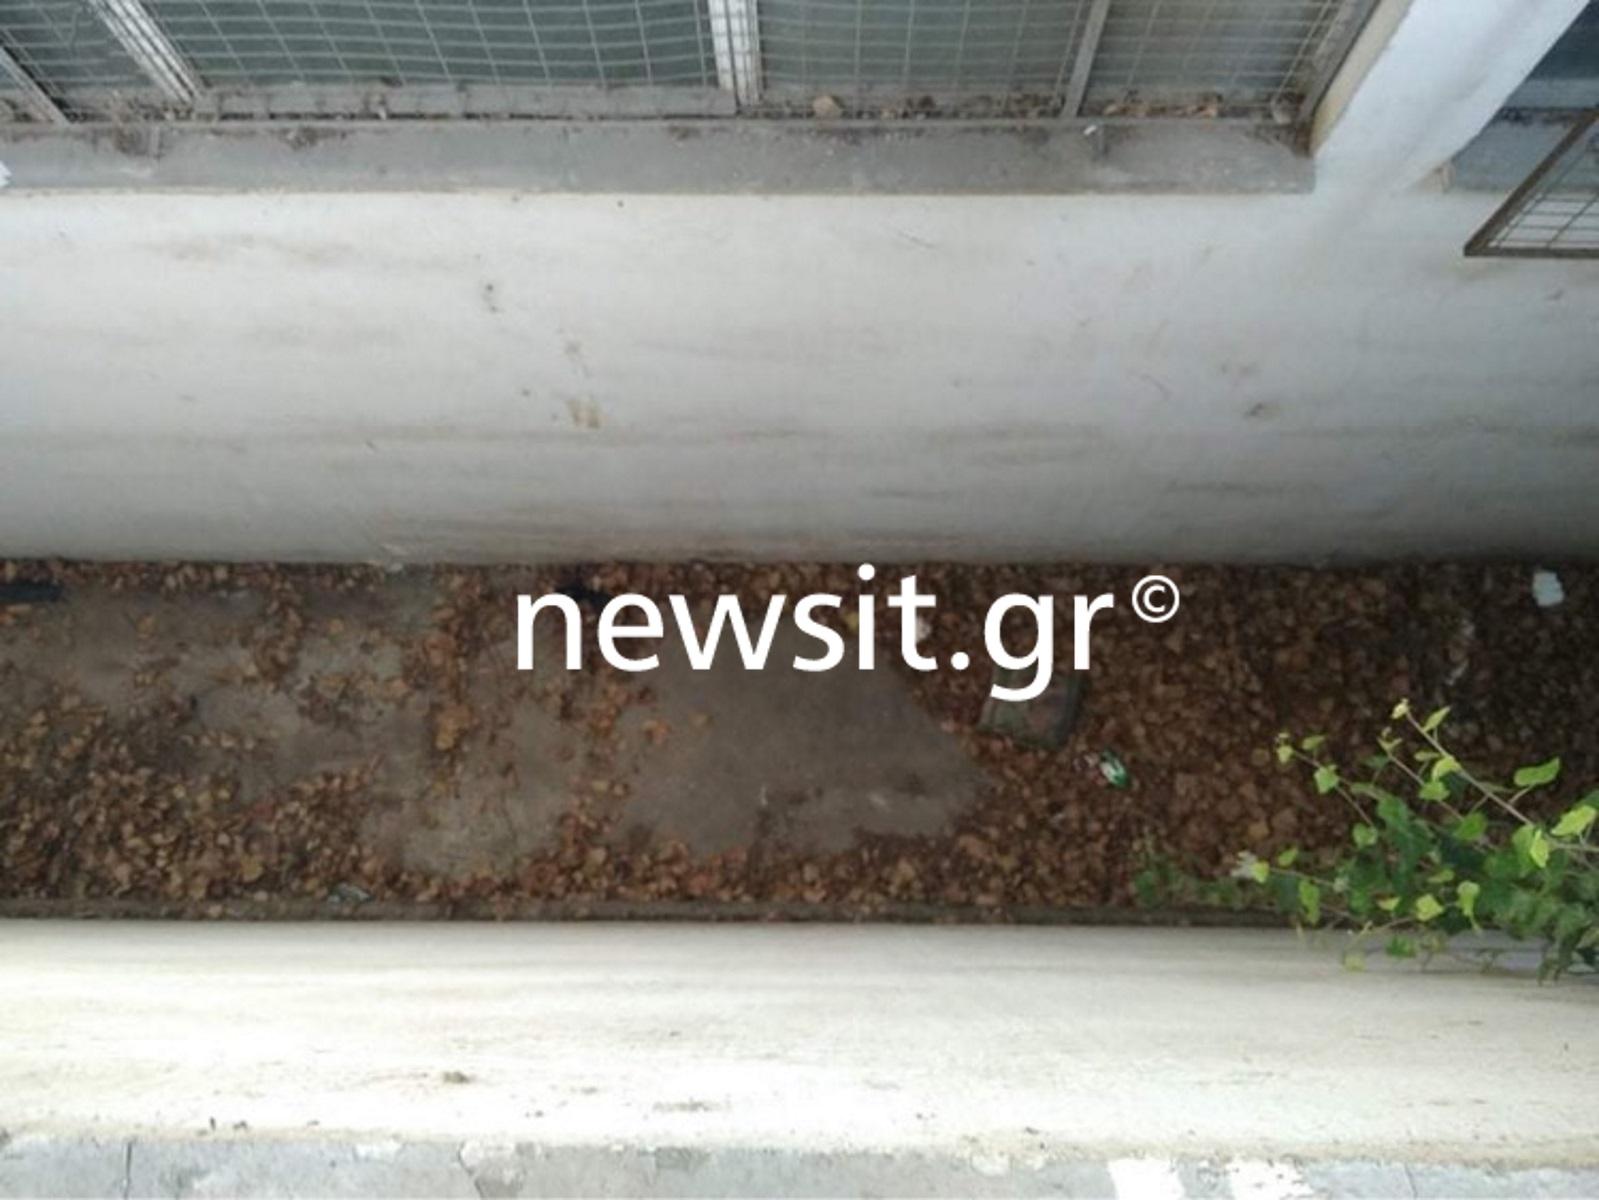 Θεσσαλονίκη: Με τραύματα παντού η 19χρονη που έπεσε σε φρεάτιο του ΑΠΘ